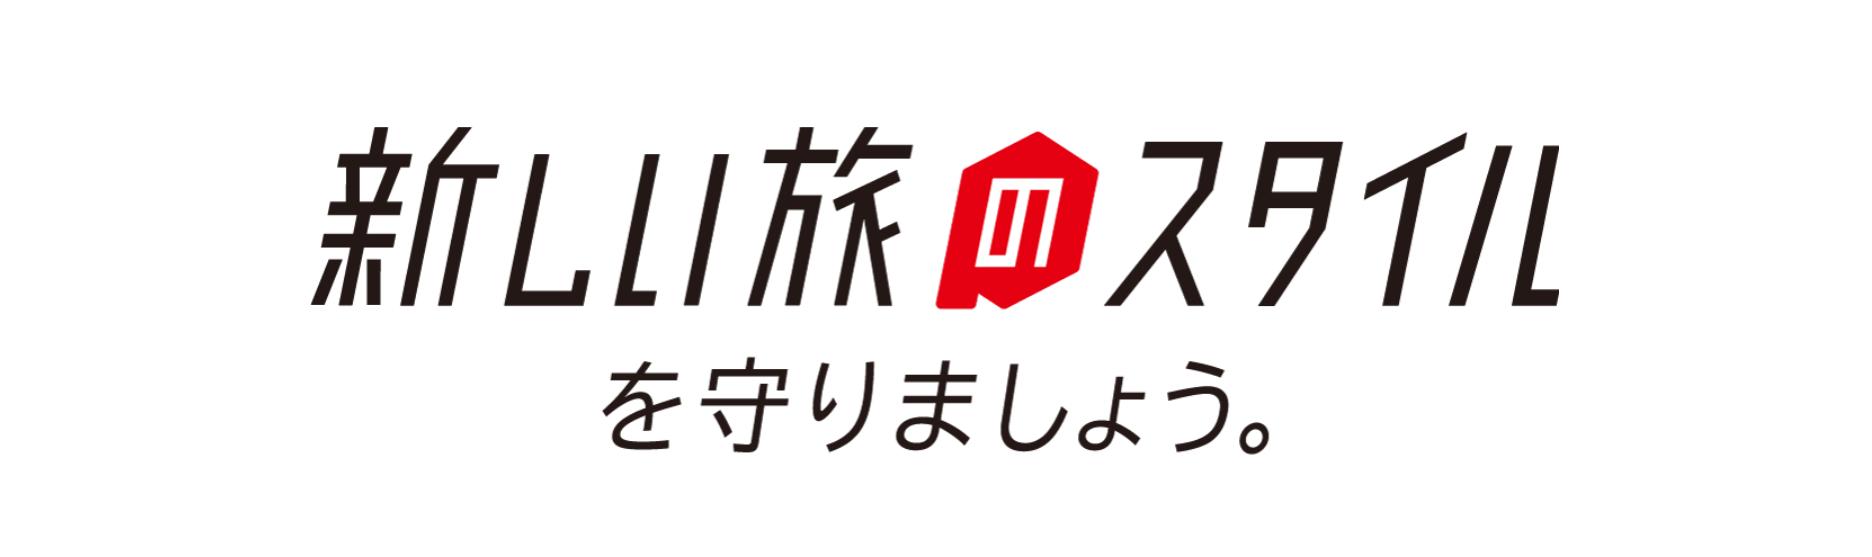 北海道の宿泊割引「どうみん割」4月2日再開 Go To トラベル ...